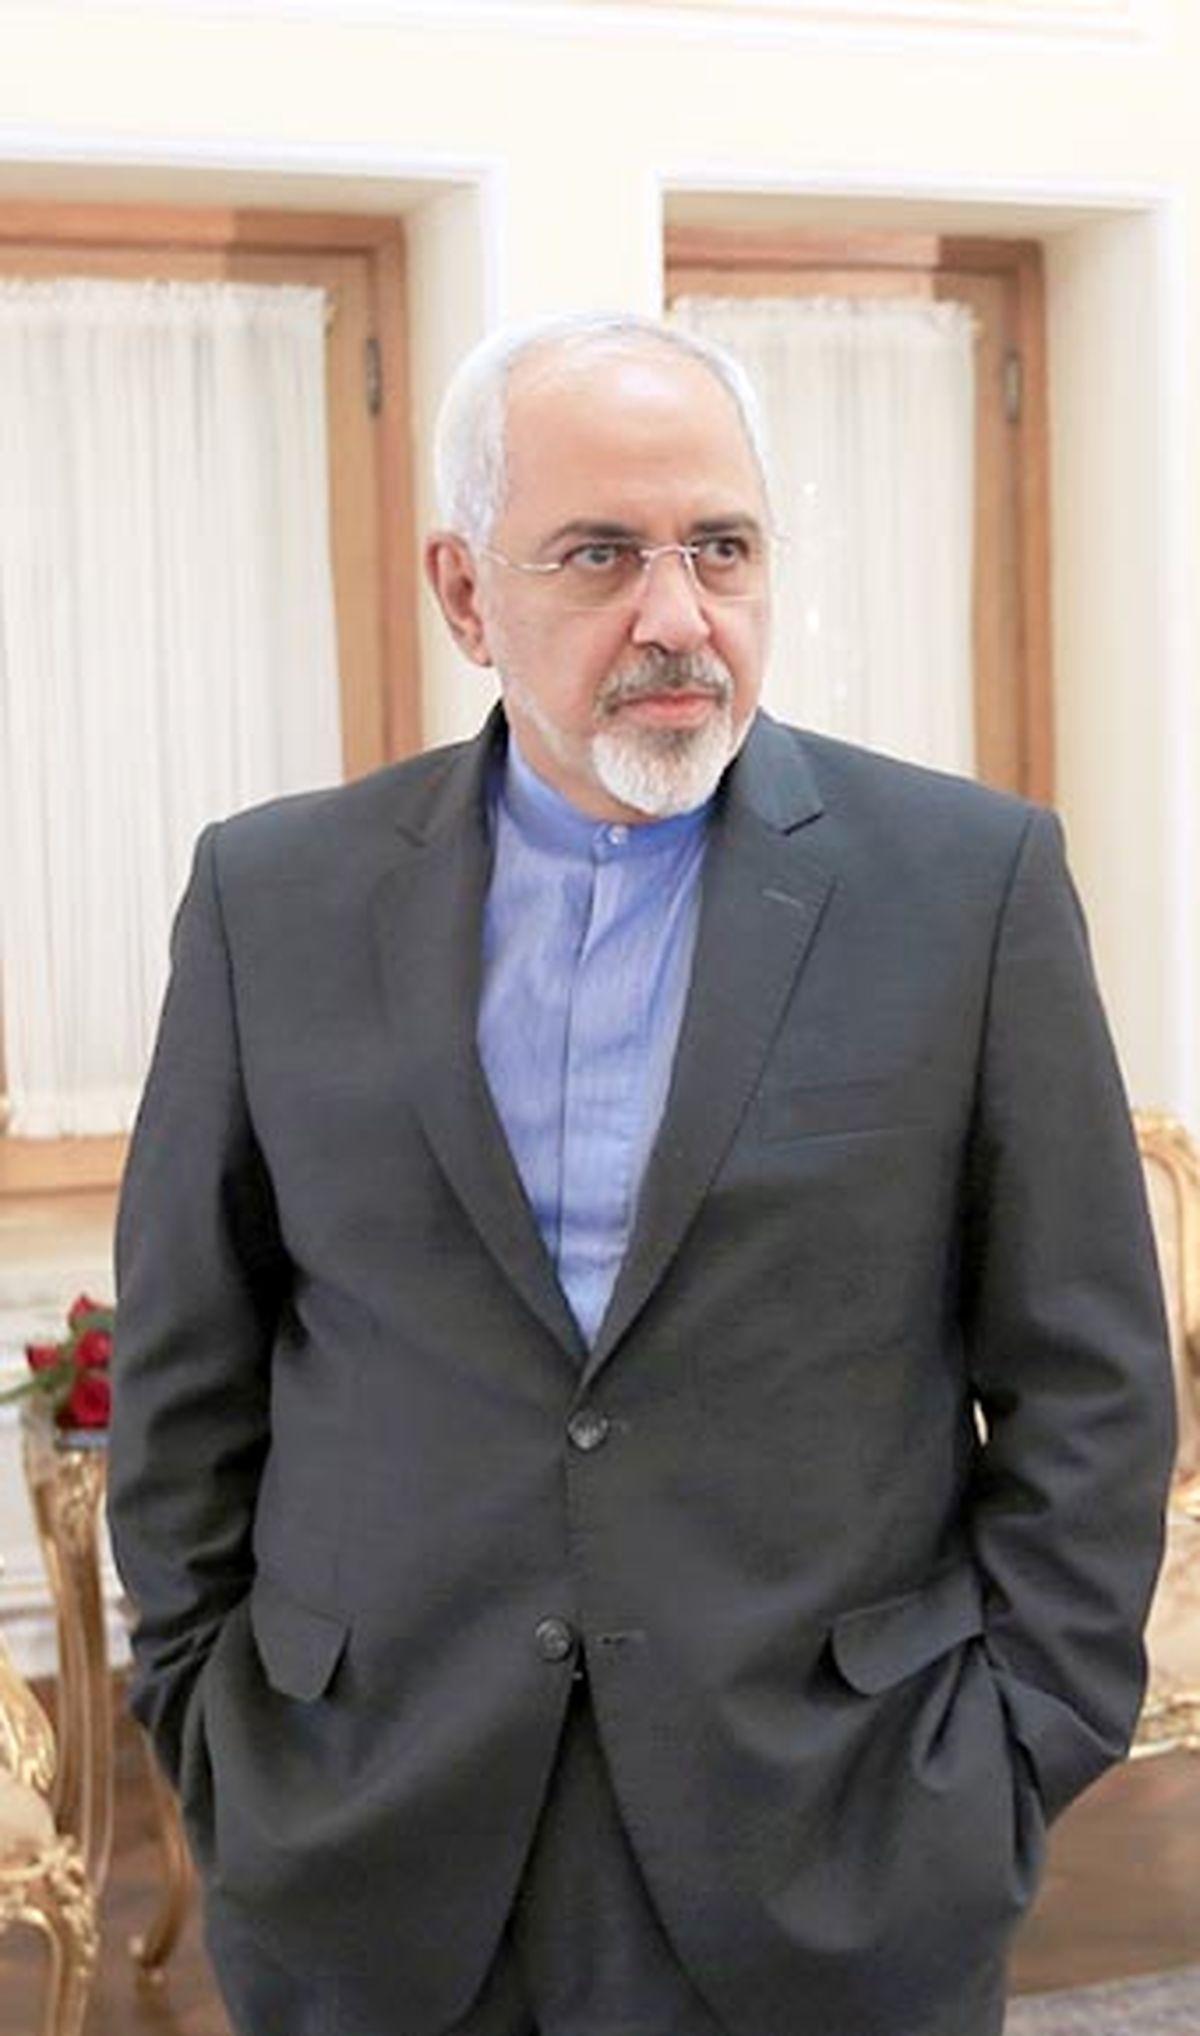 توییت جدید ظریف درباره لغو تحریم های آمریکا علیه ایران